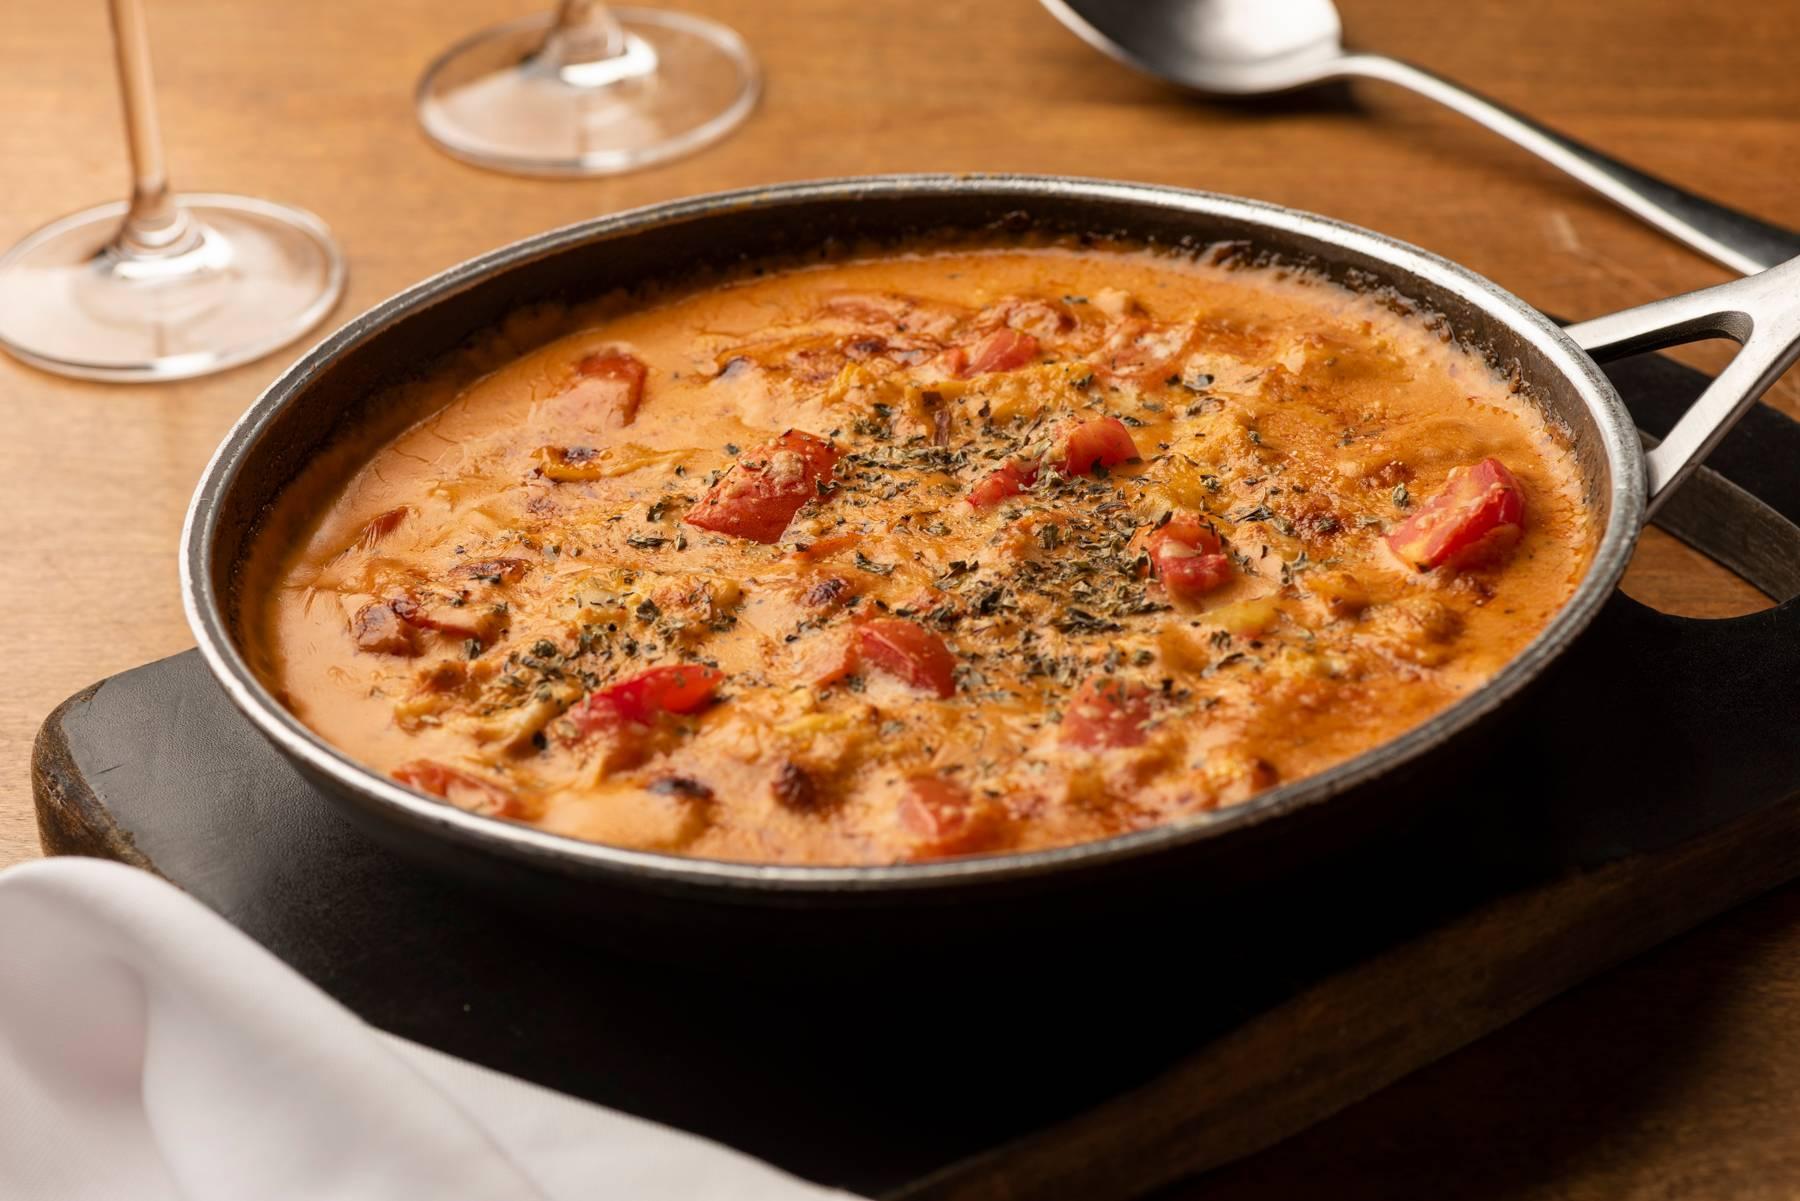 Ravioli de carne ao molho à siciliana, opção do menu das duas unidades do Barolo Trattoria (Silva Jardim e ParkShoppingBarigüi).